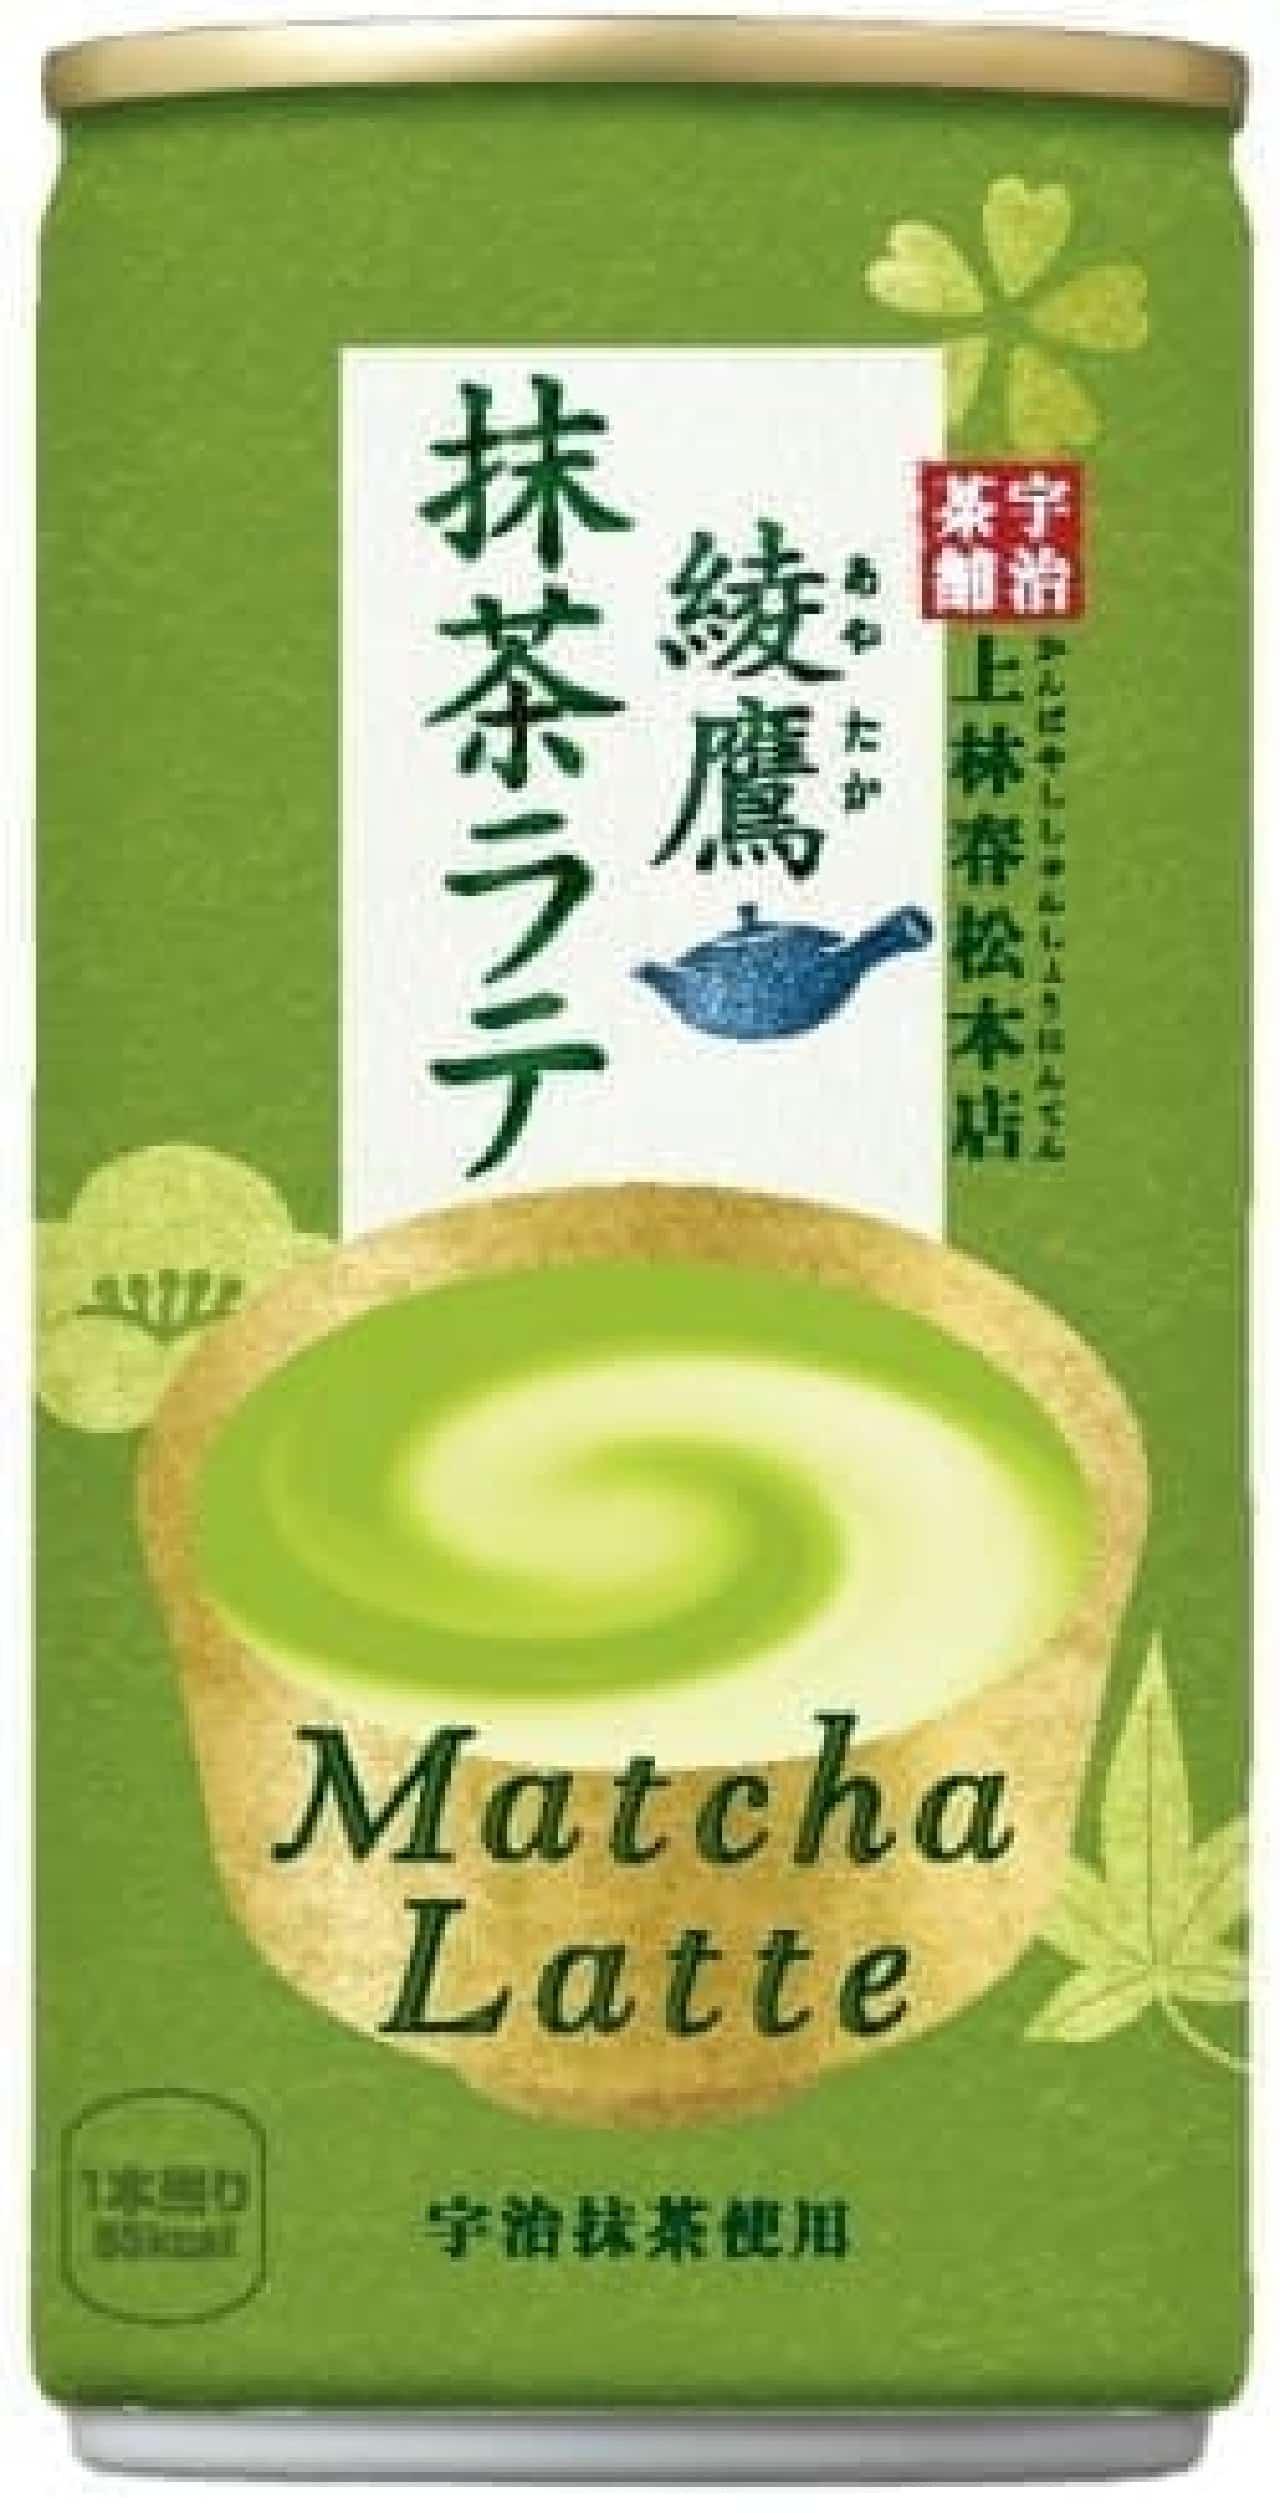 コカ・コーラシステム「綾鷹 抹茶ラテ」